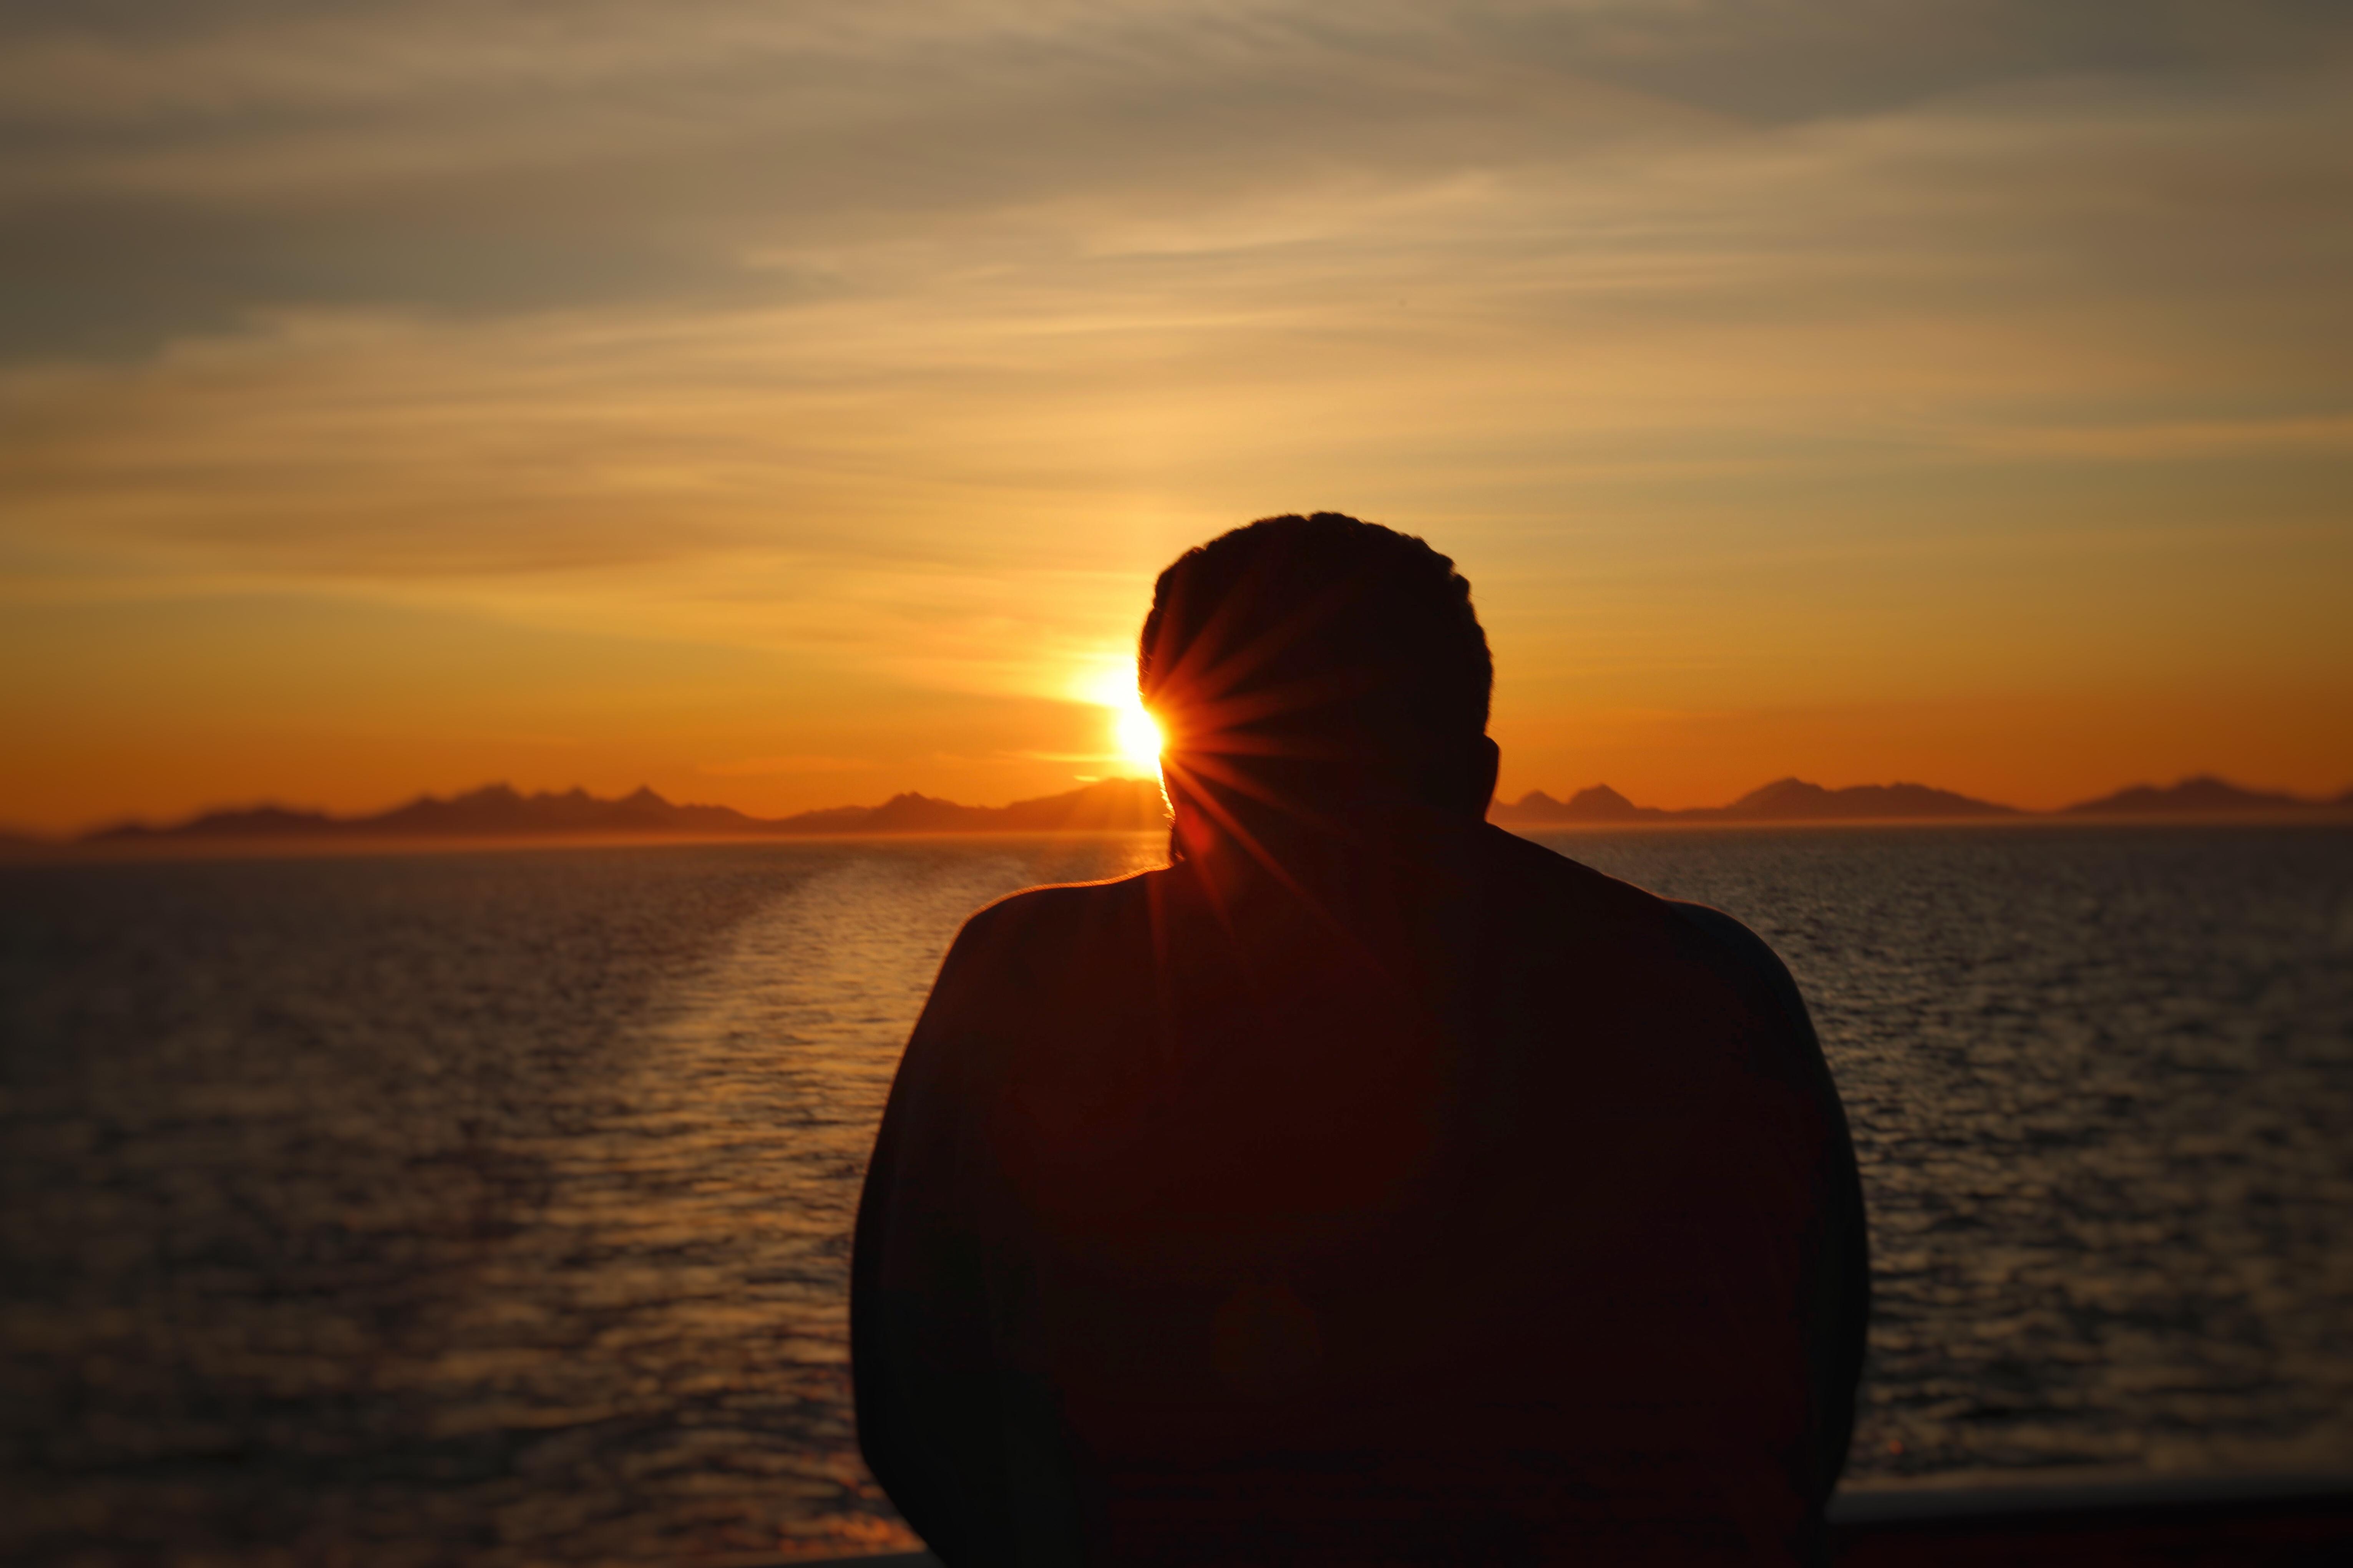 رحلة الكروز النرويجي لرؤية شمس منتصف الليل و اجمل المضائق النرويجية .